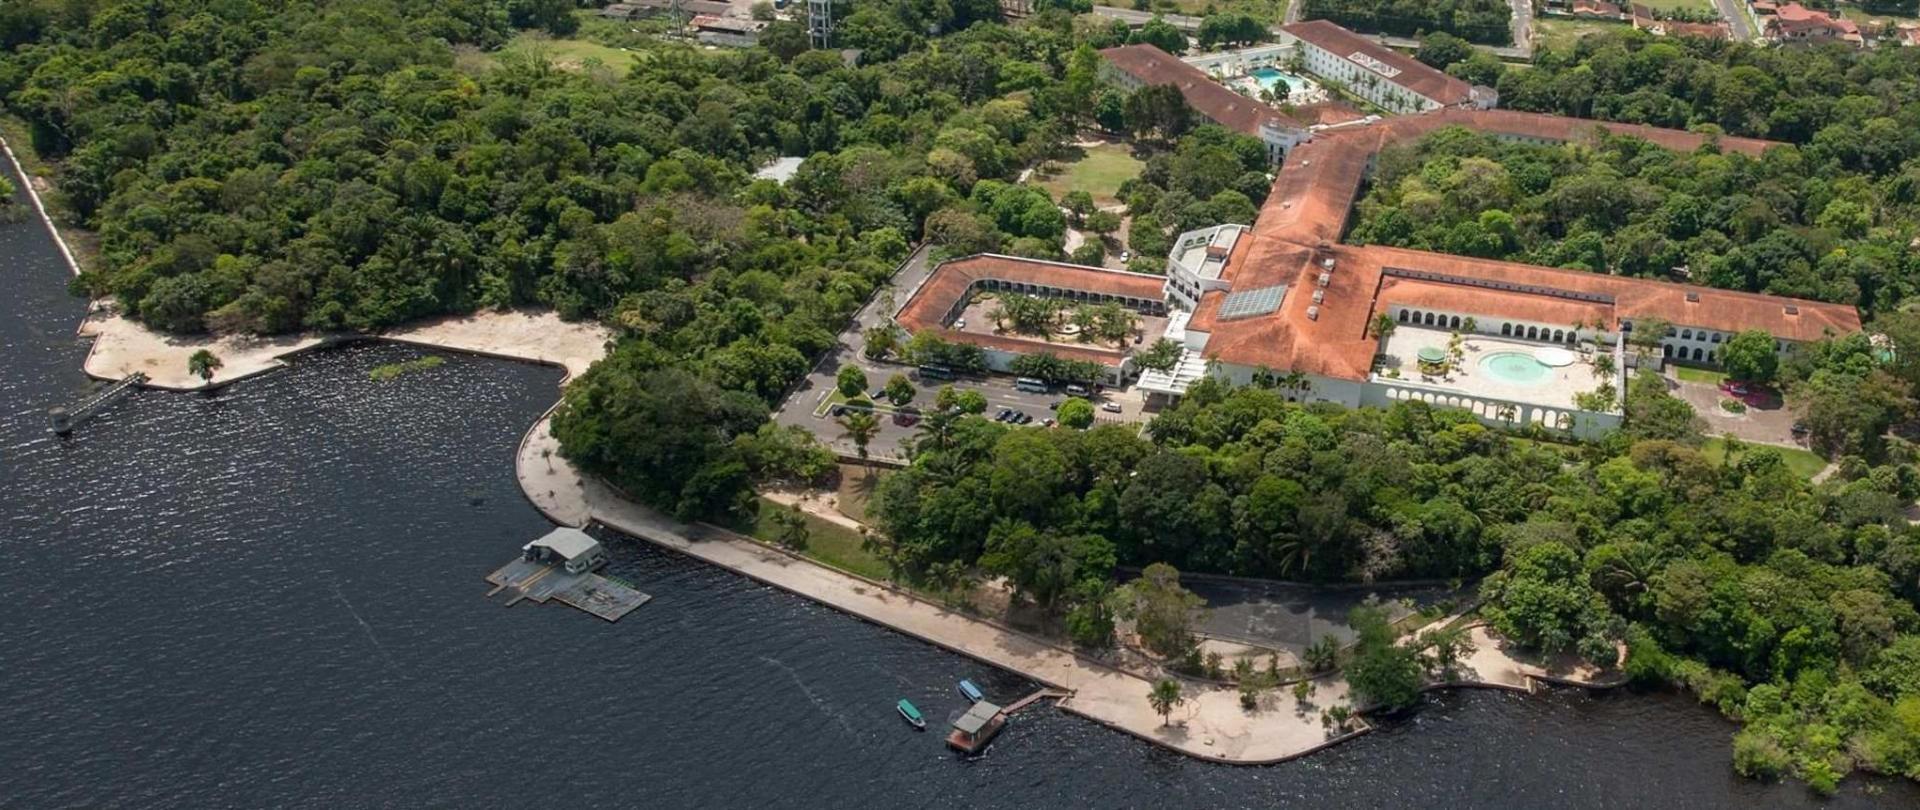 brazilian-hotels-for-sale.jpg